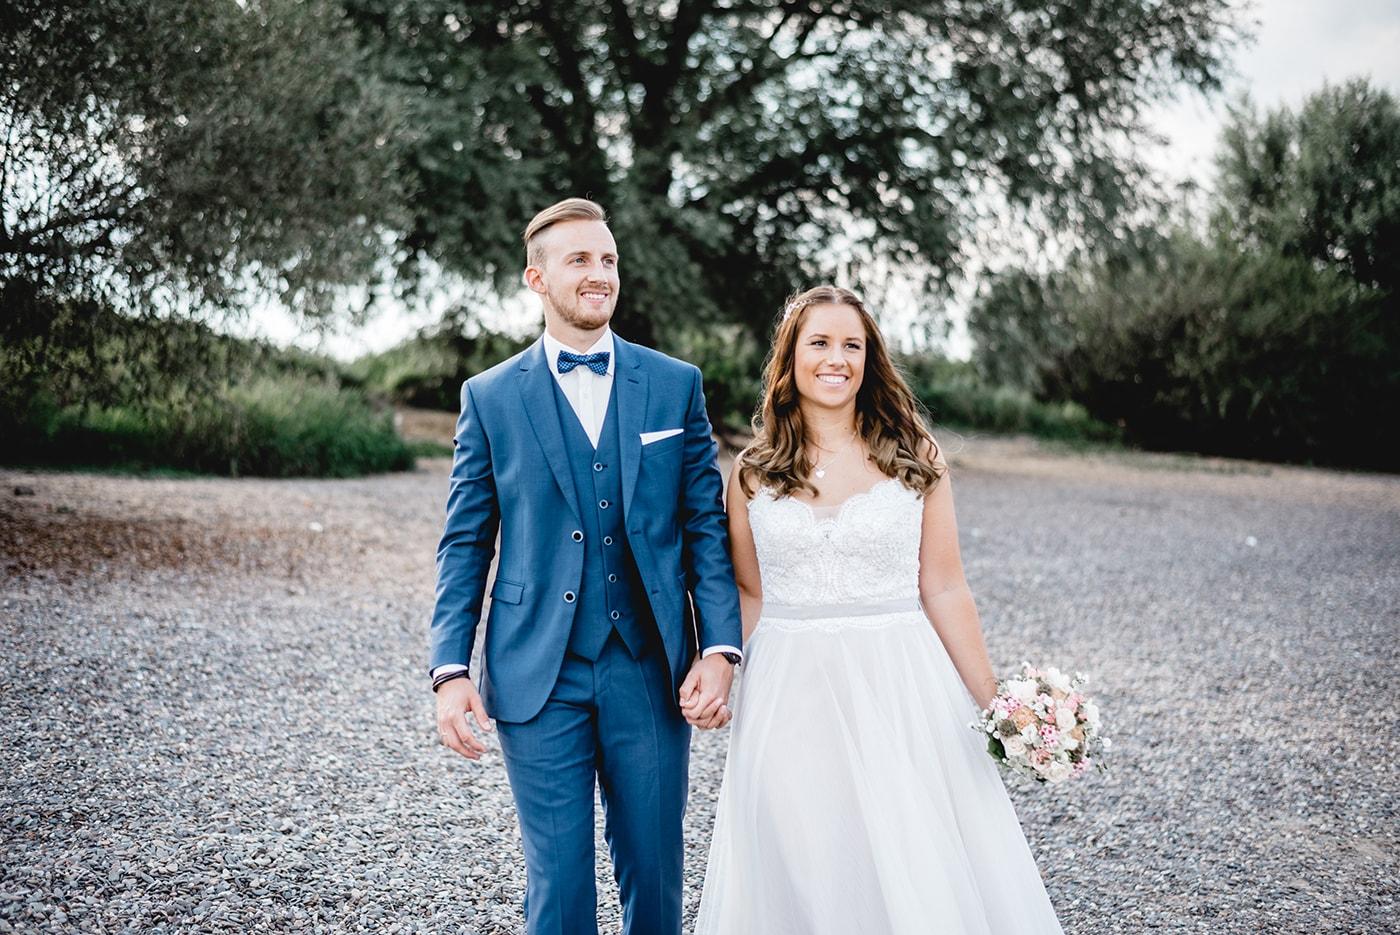 Hochzeitsfotos-Zons-01